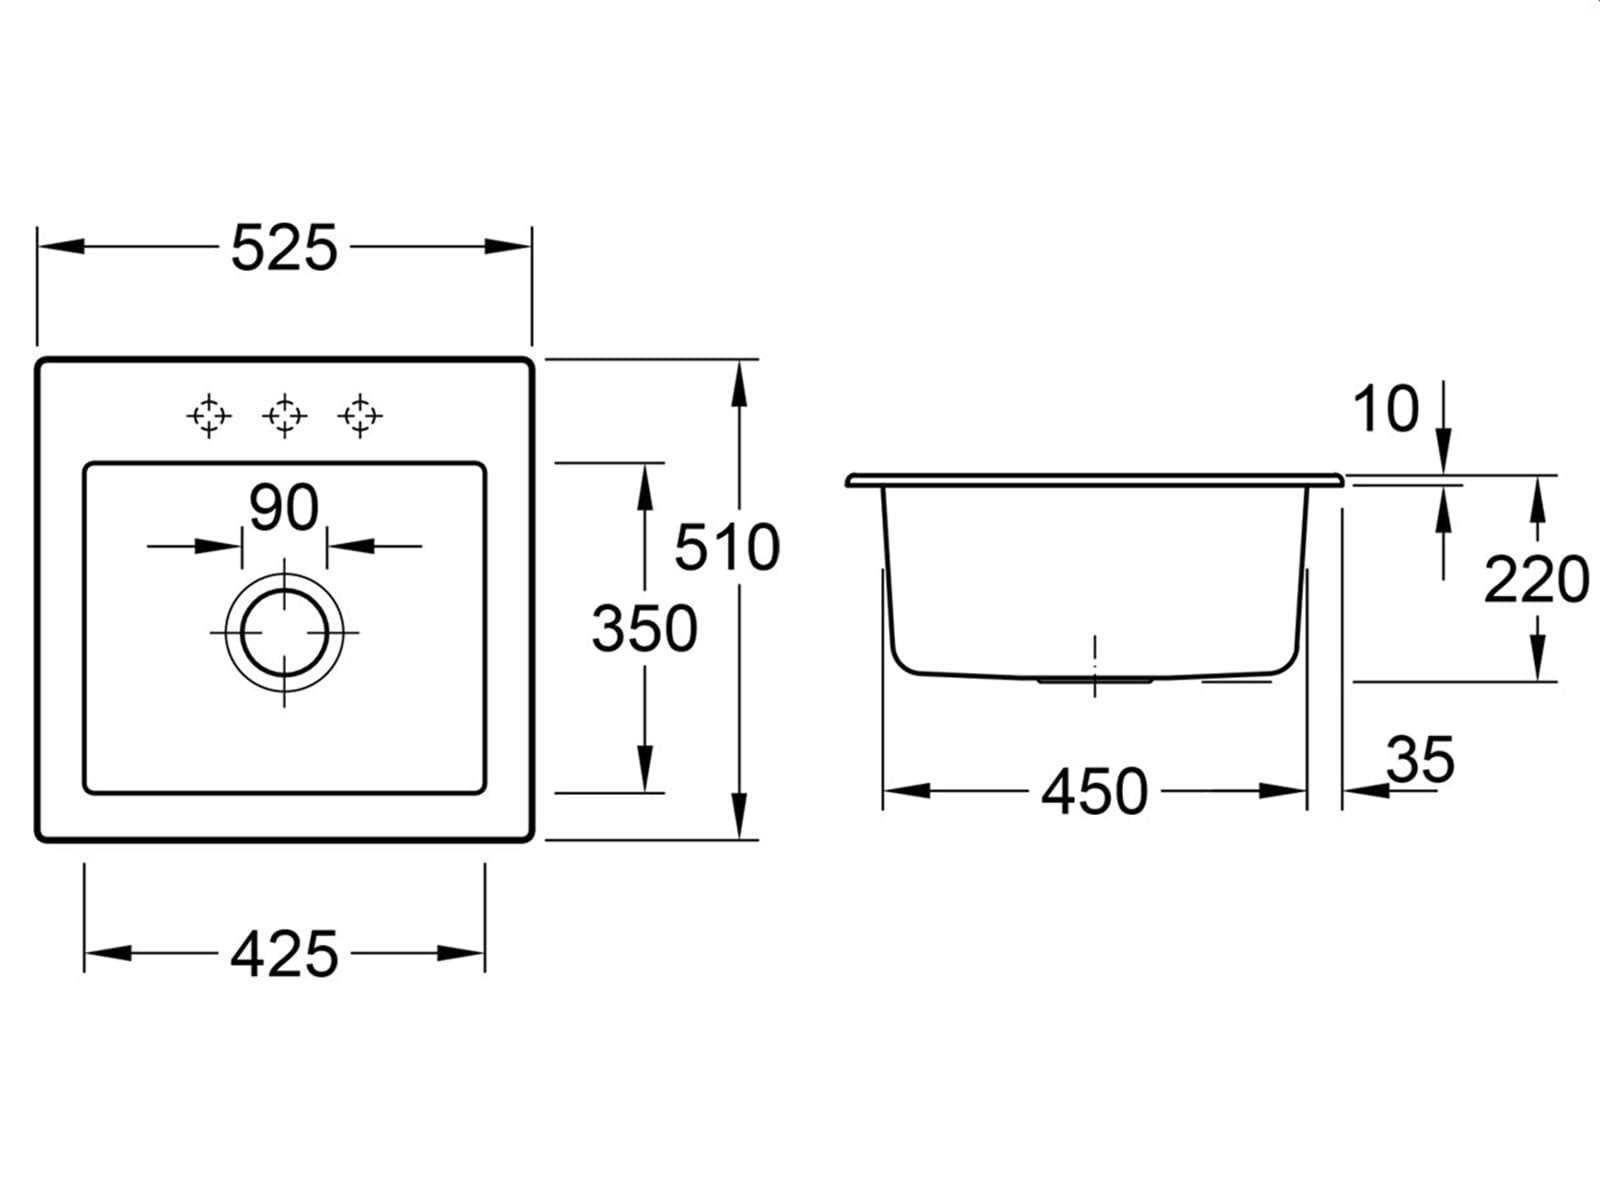 Villeroy & Boch Subway 50 S Almond - 3315 01 AM Keramikspüle Handbetätigung